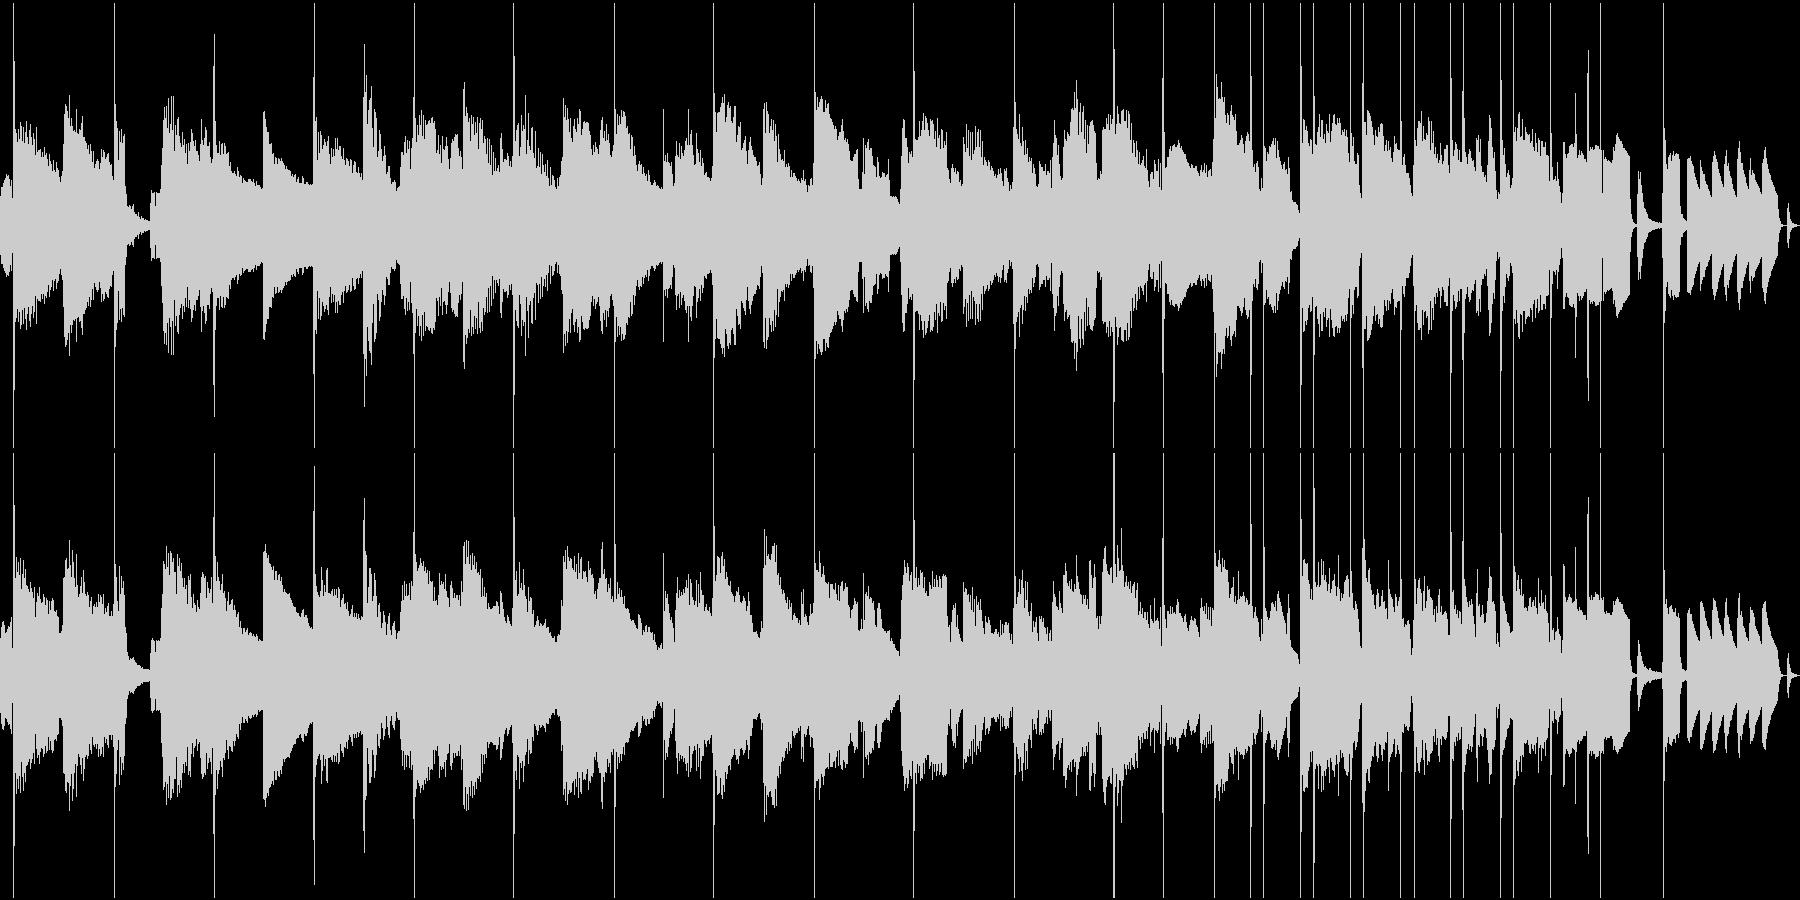 トランペット、サックスBGM(ループ)の未再生の波形